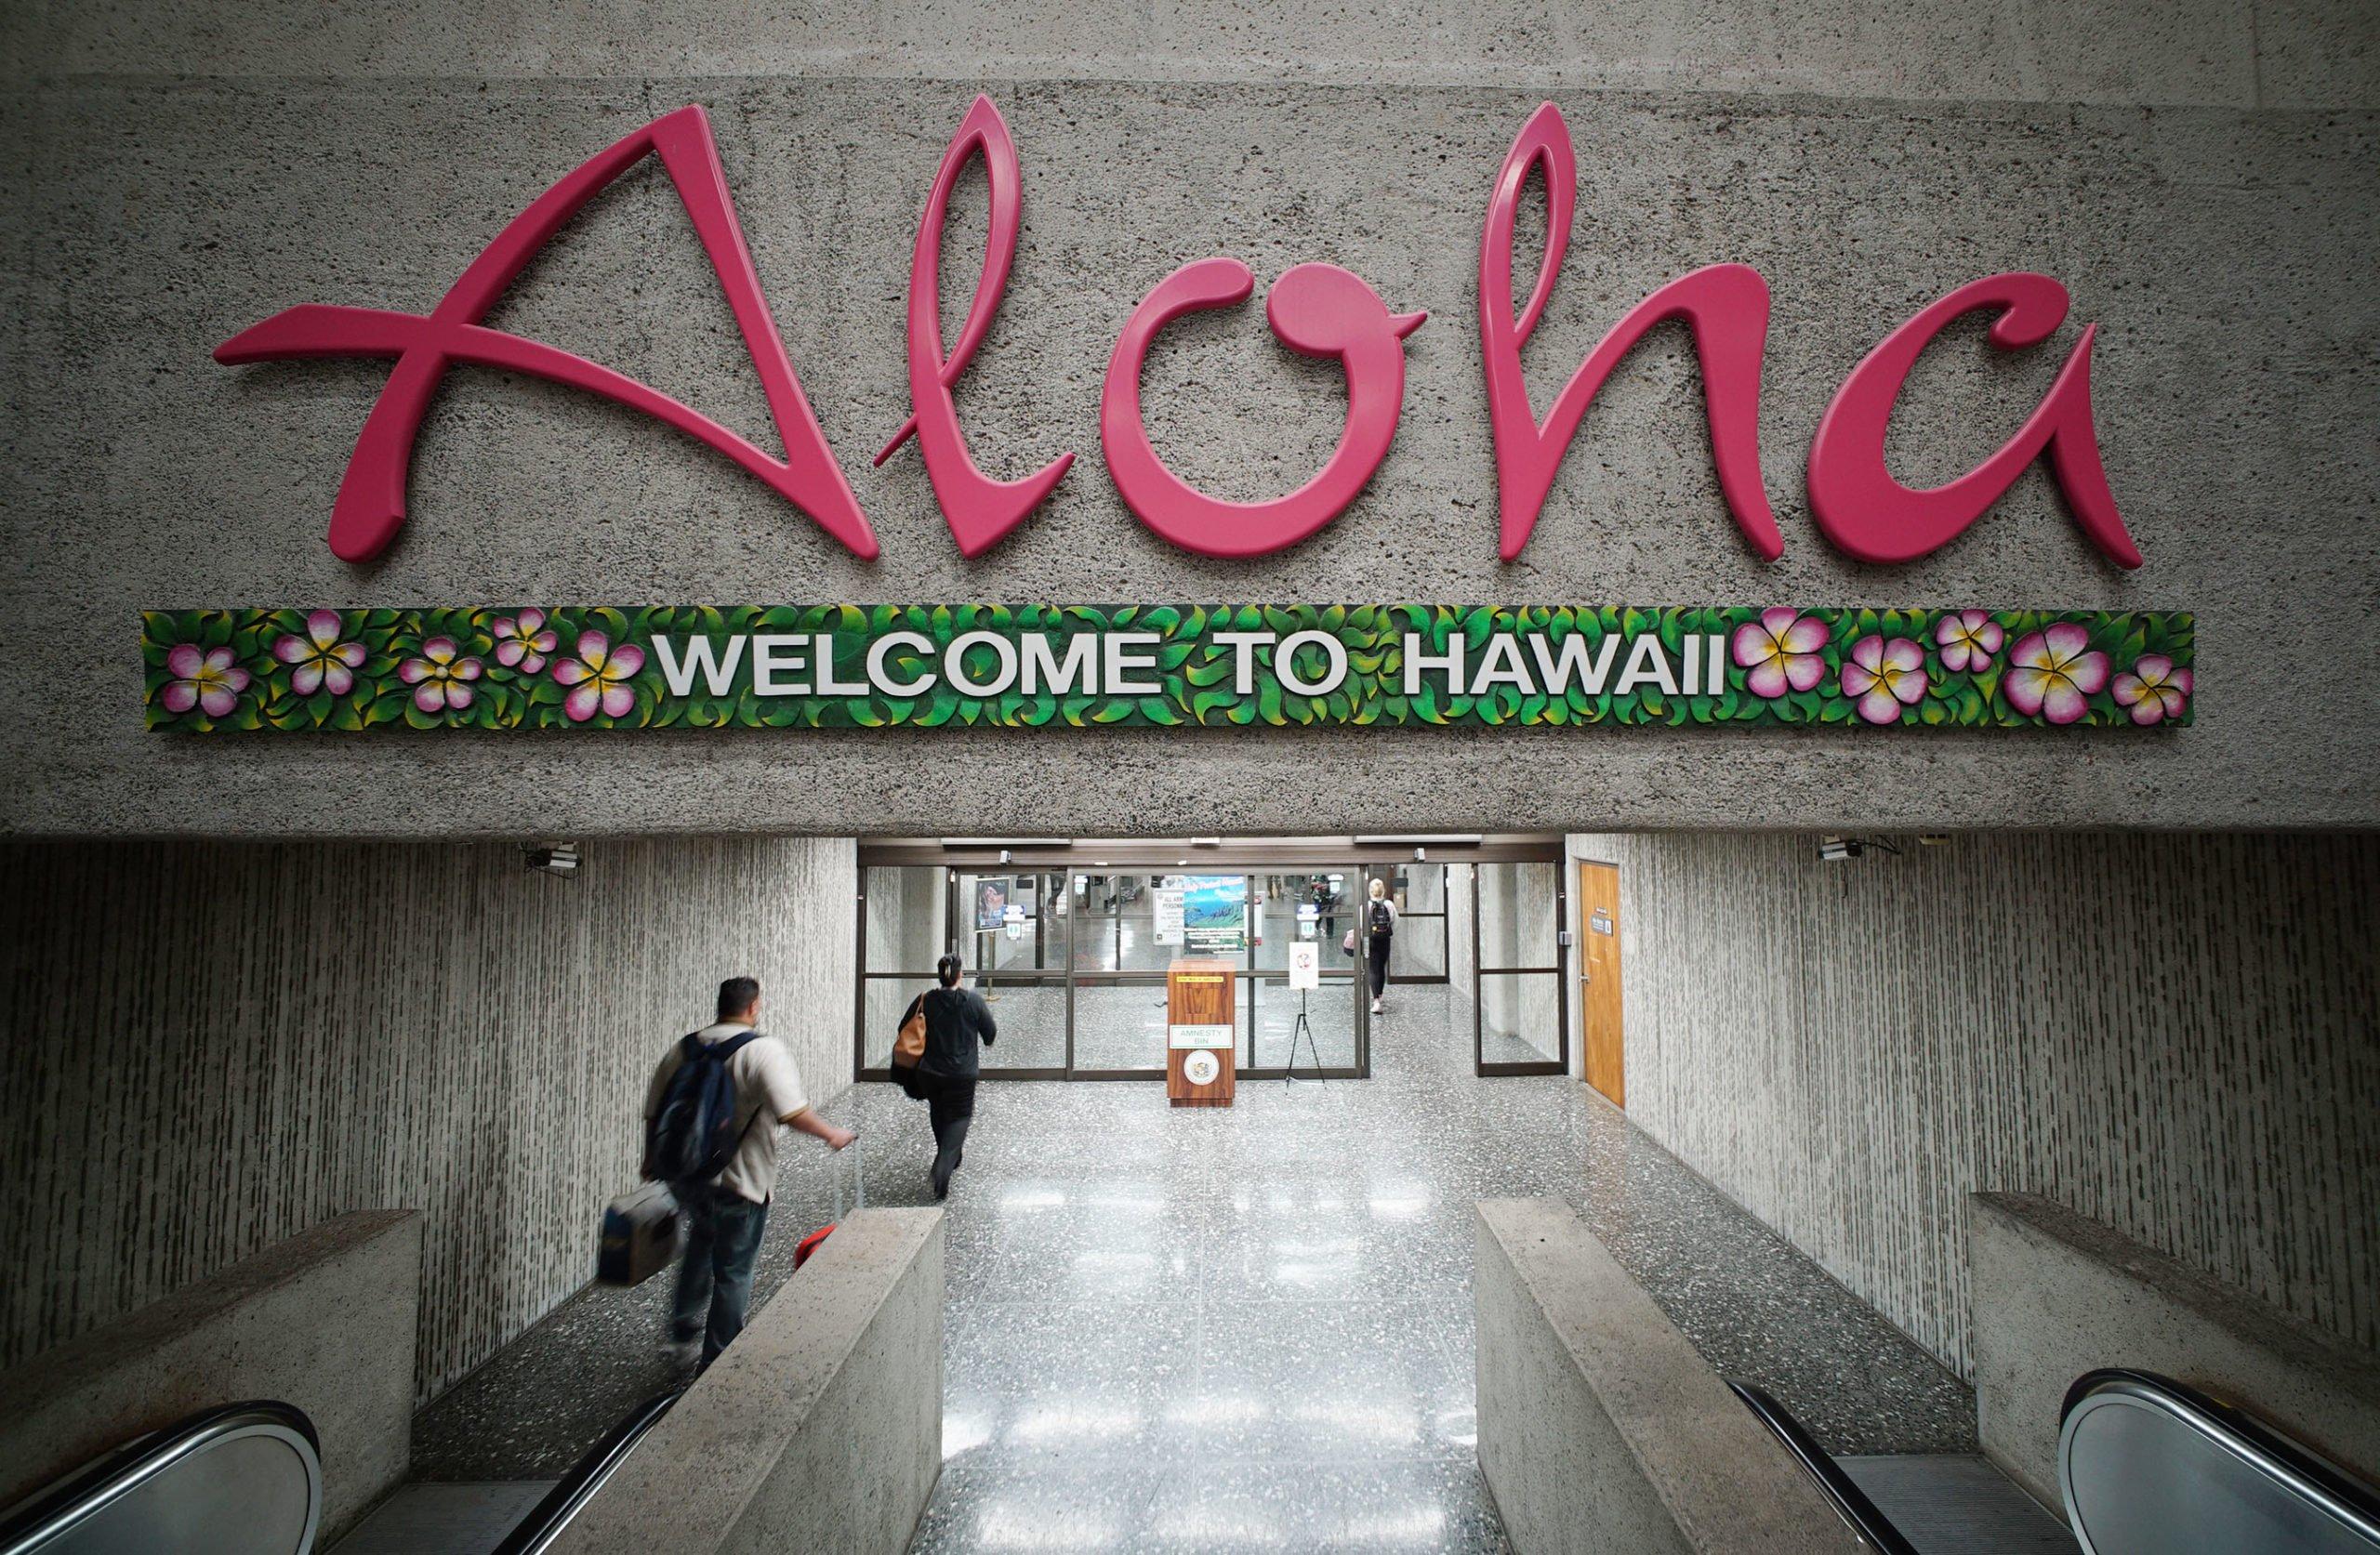 Les arrivées de visiteurs aux îles hawaïennes ont diminué de 99,5% en avril